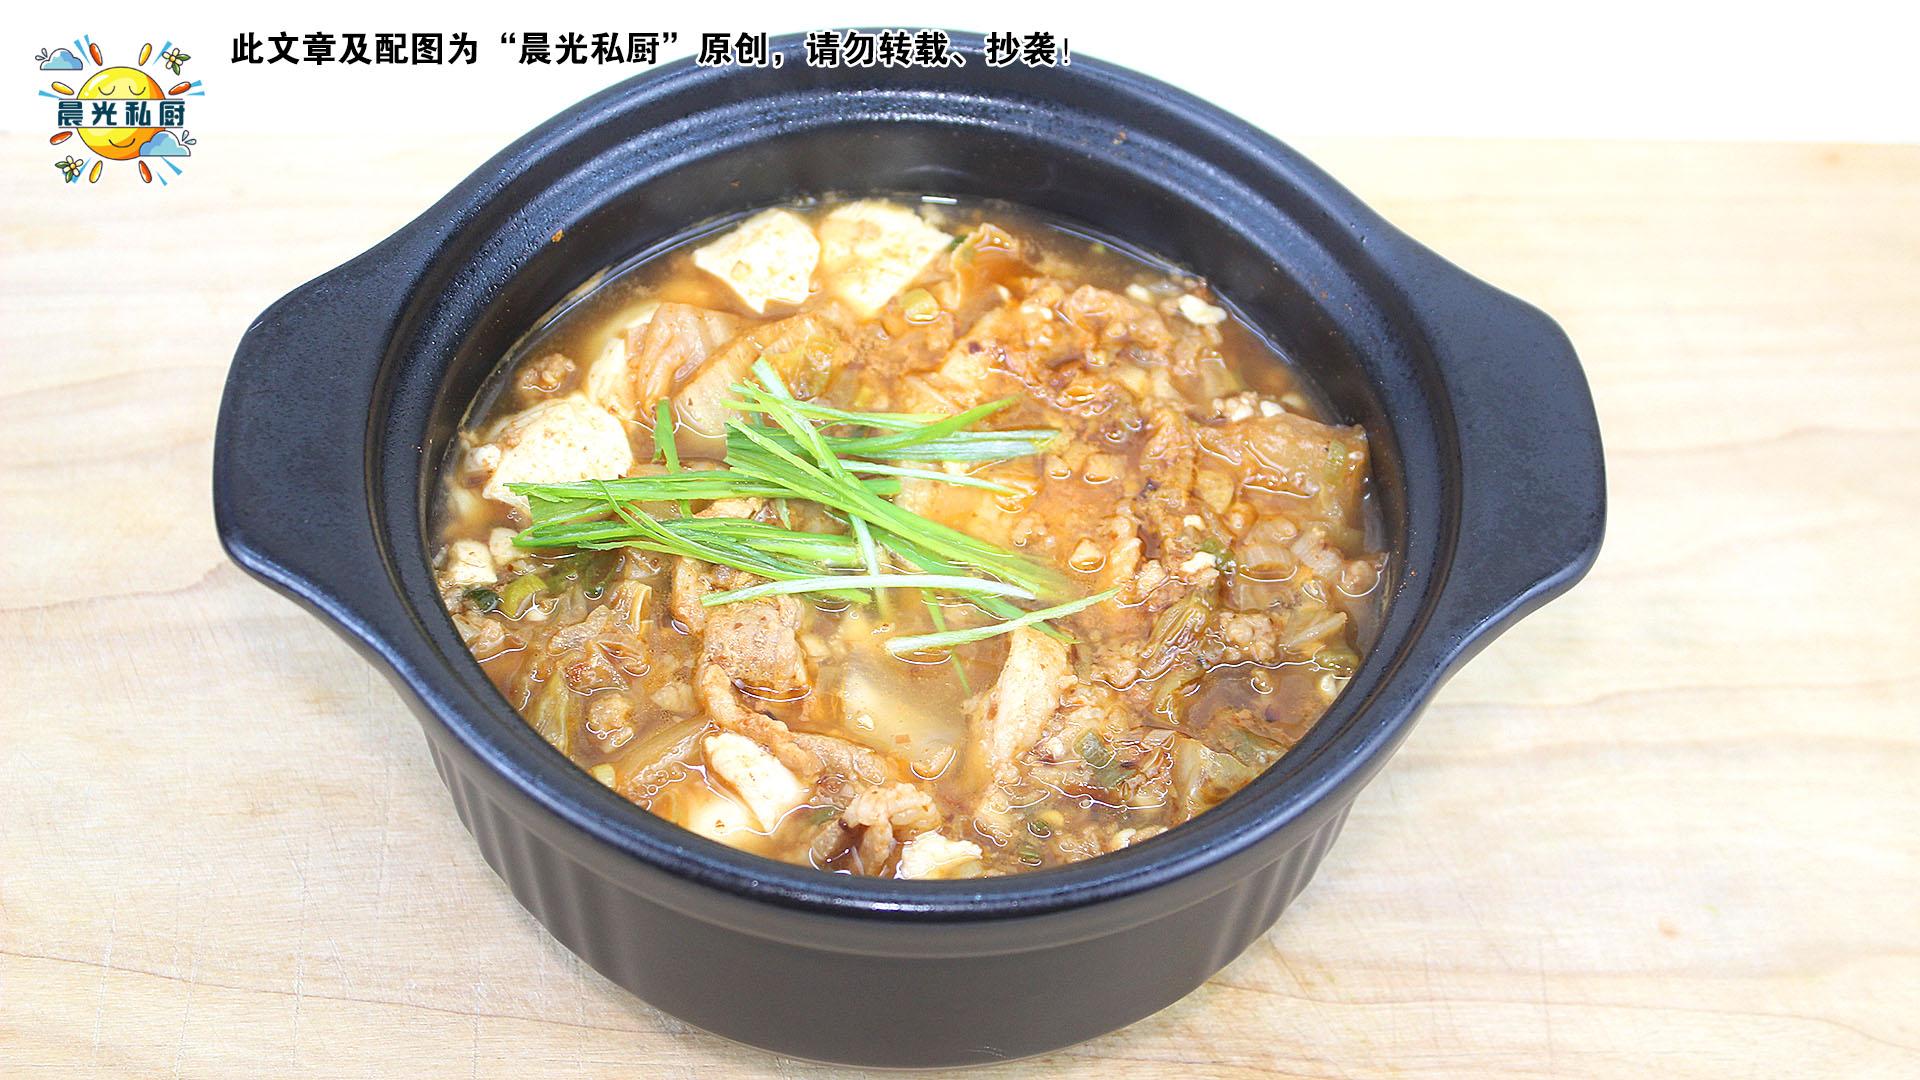 韩式猪肉嫩豆腐锅,秋天与冬天的暖心炖锅,还有万用基底酱料分享